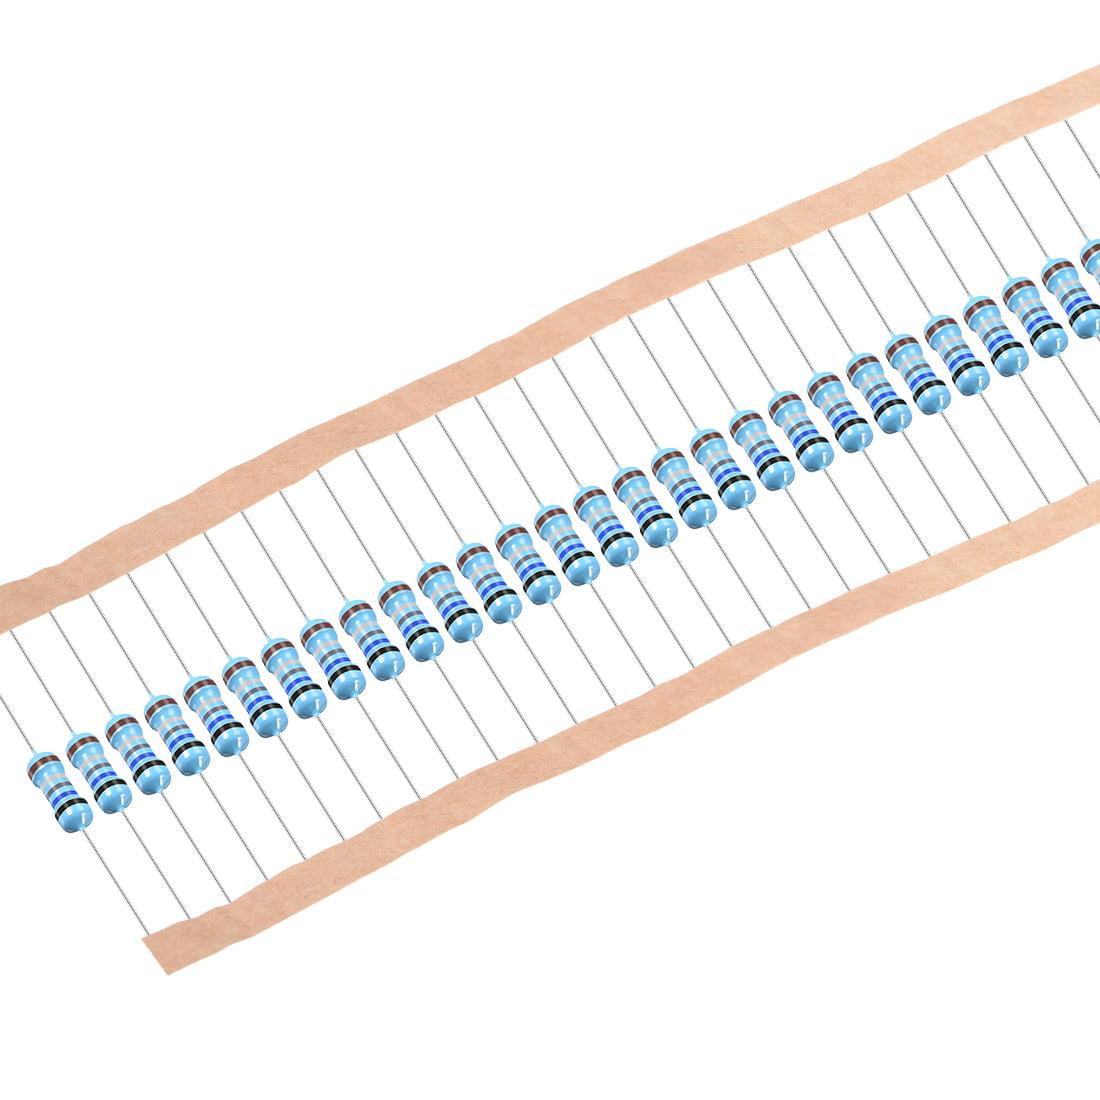 1/2W 0.68 Ohm Metal Film Resistors 0.5W 1% Tolerances 5 Color Bands 50 Pcs - image 4 of 4